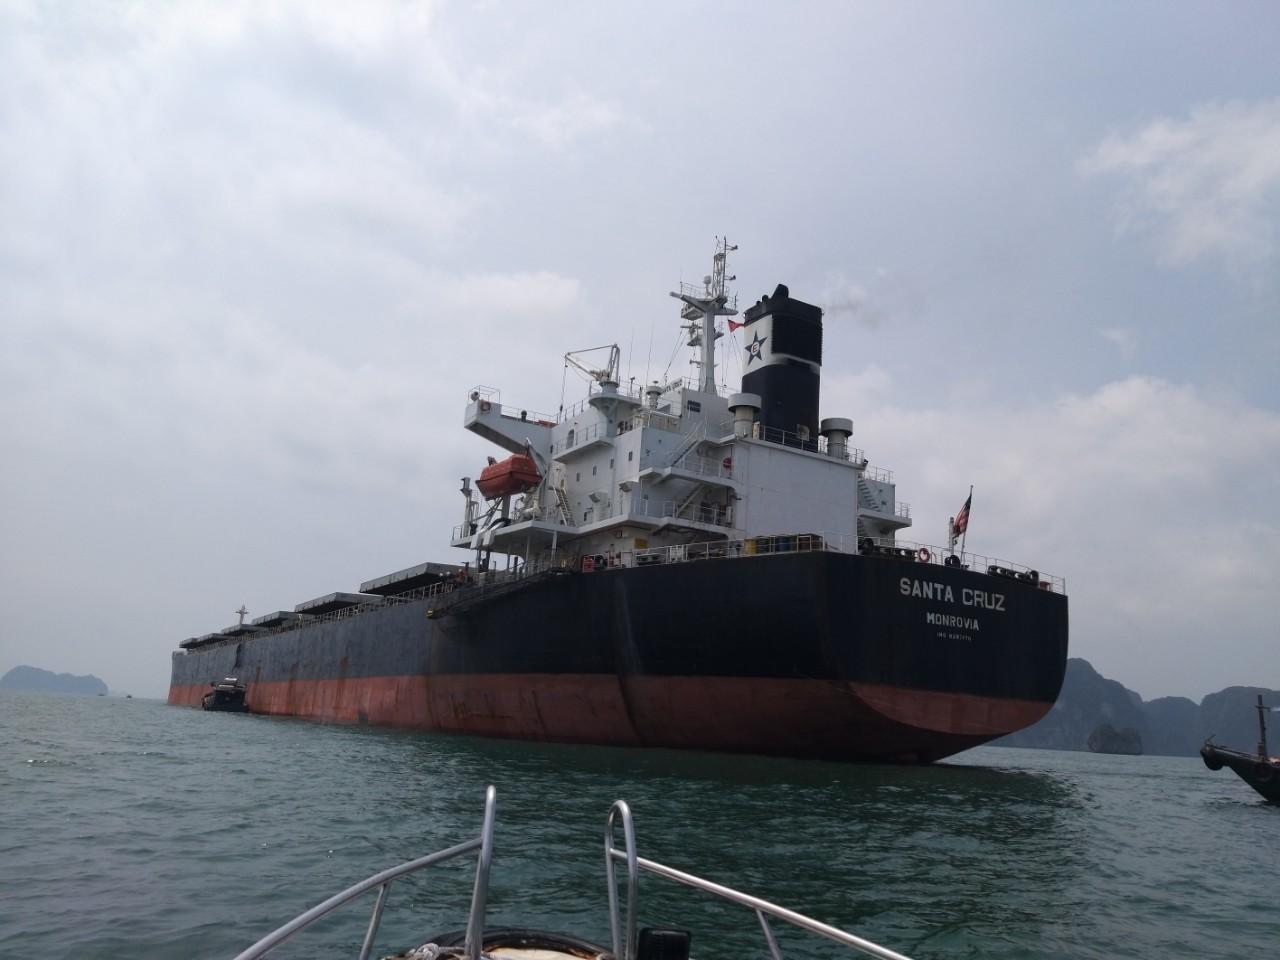 Tầu Santa cruz ngô cảng CICT